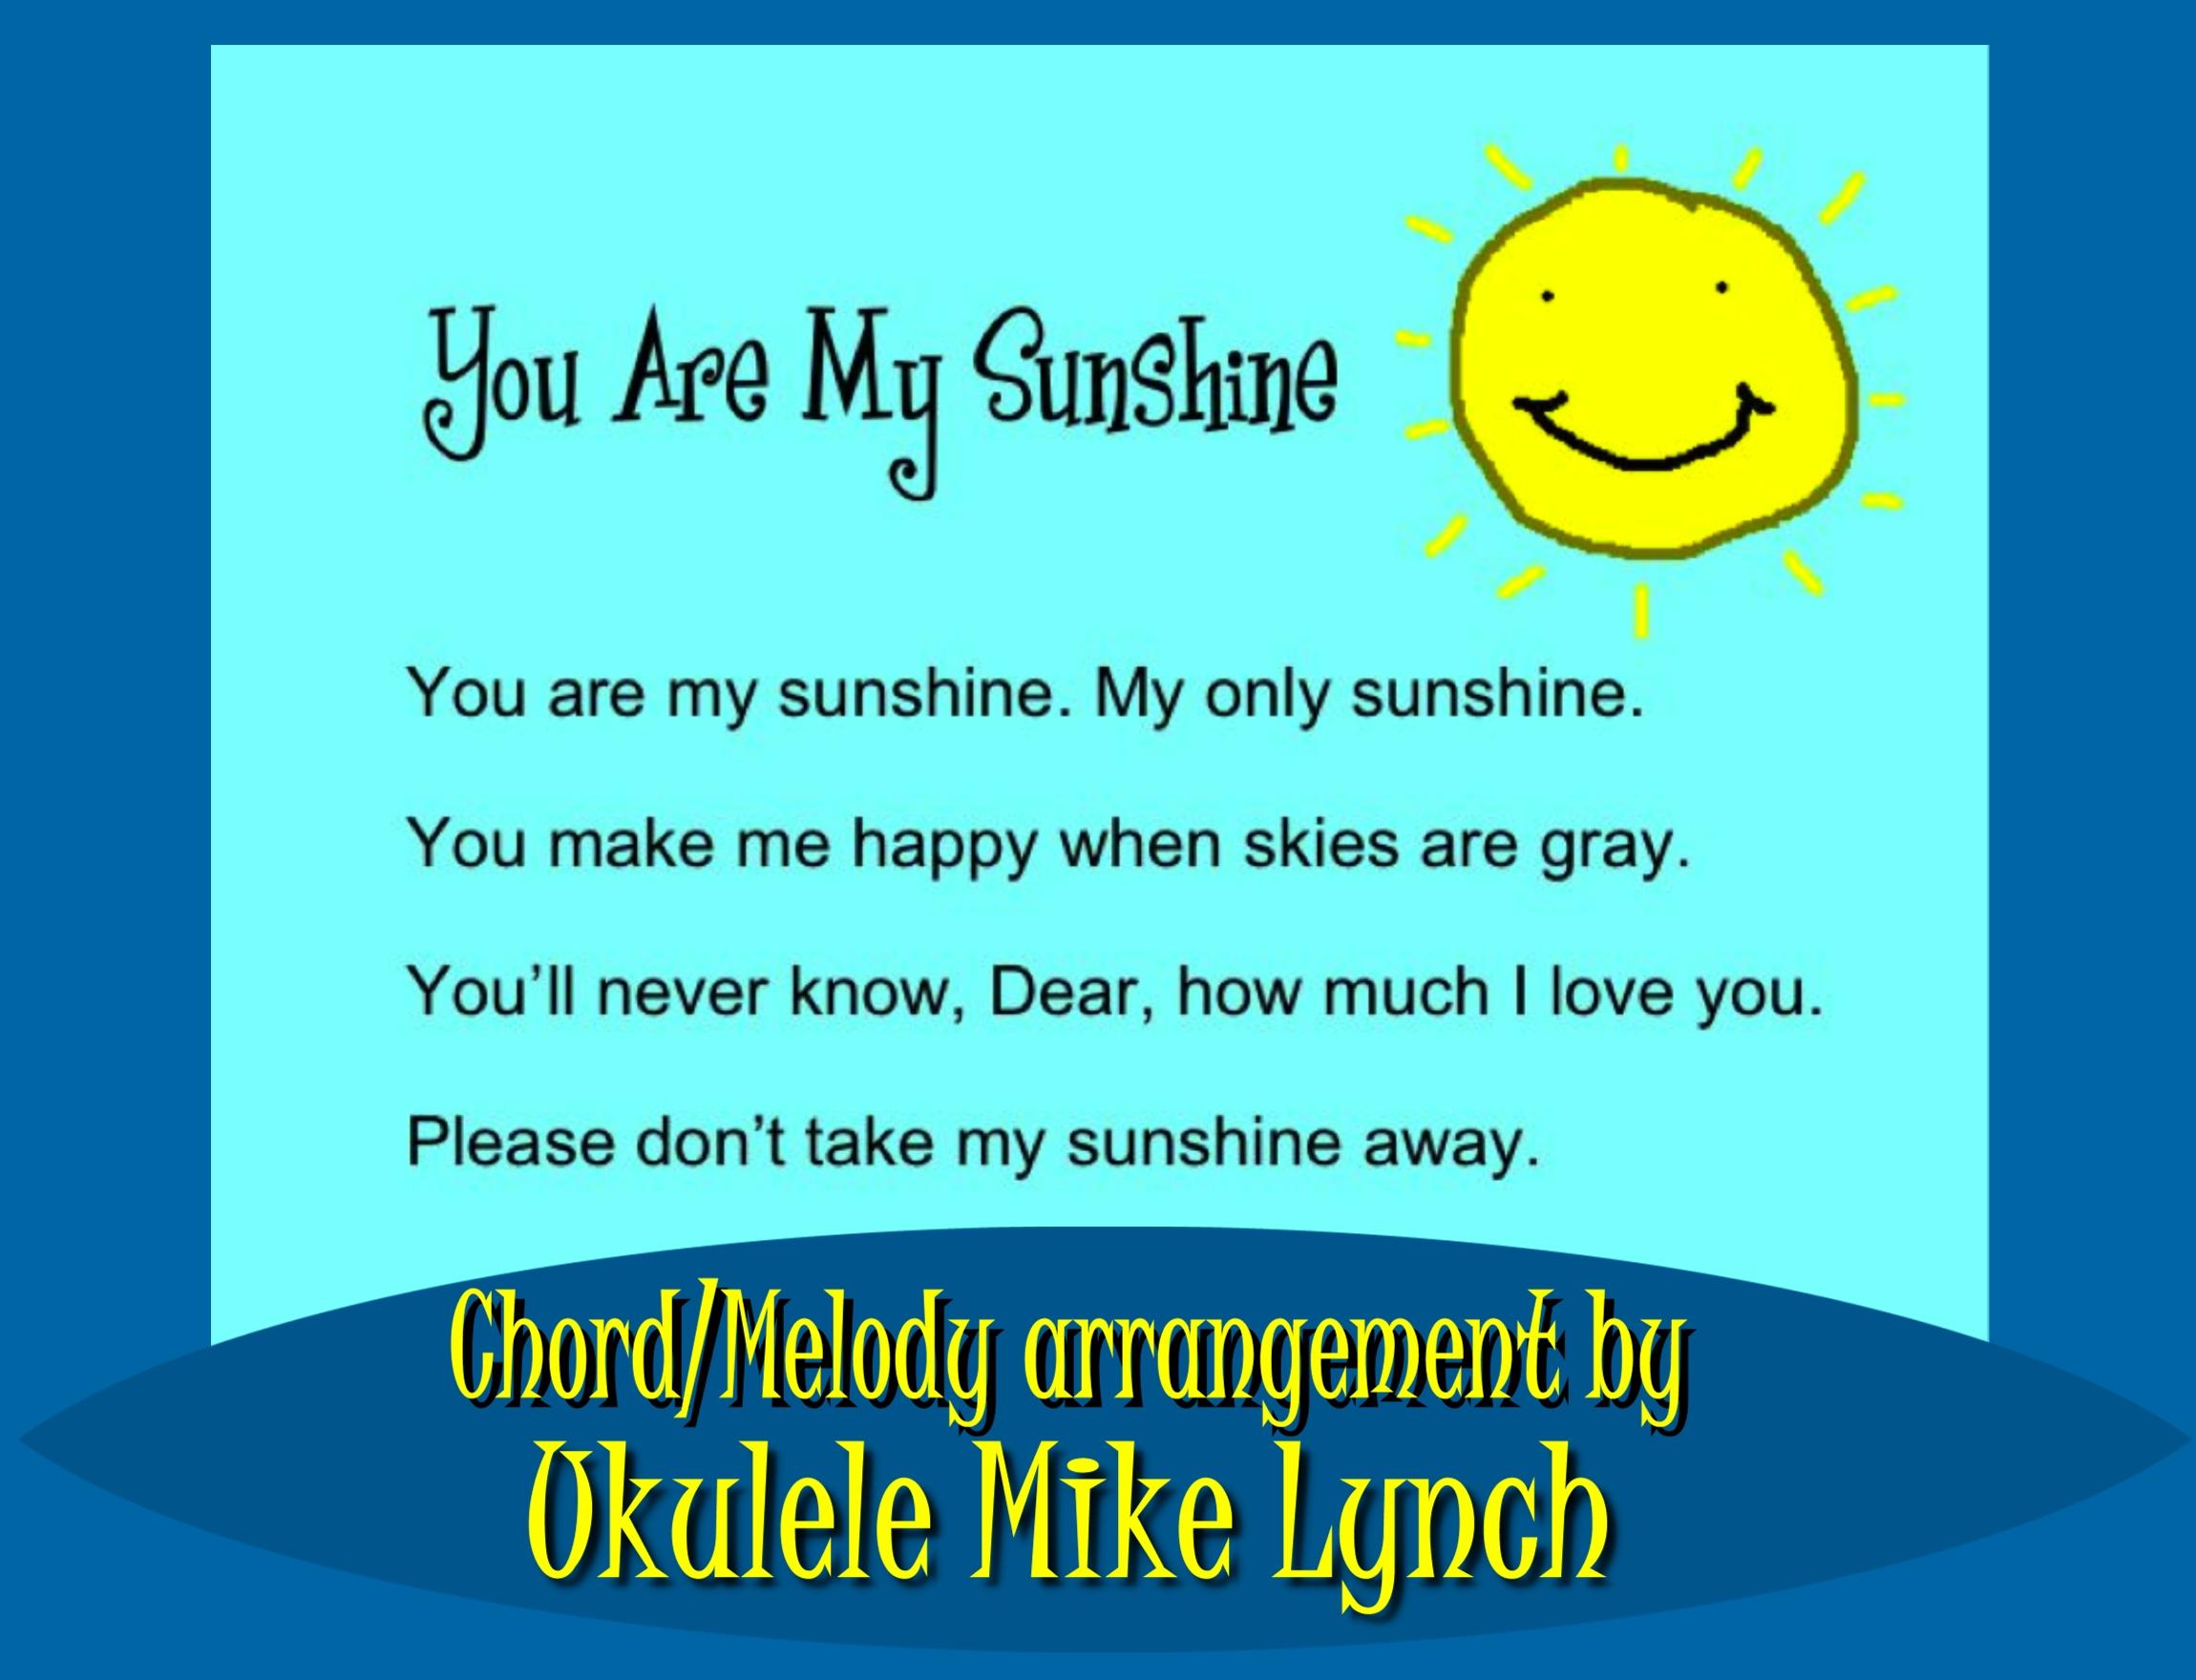 You Are My Sunshine Chords You Are My Sunshine Solo Ukulele Chordmelody Arrangement